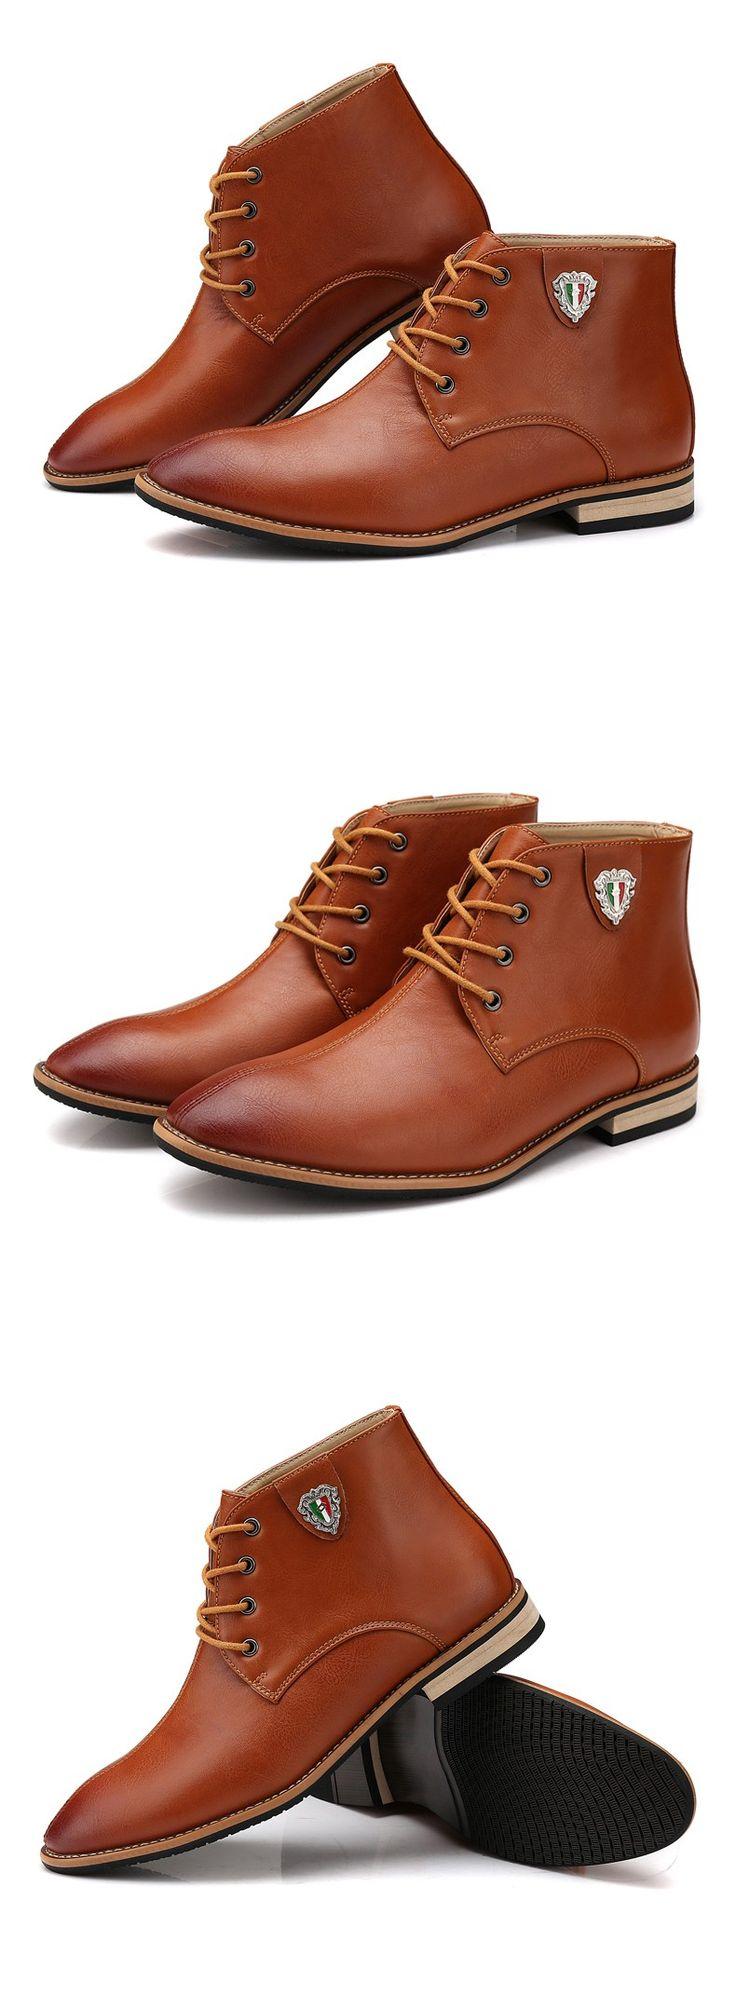 Botas de cuero negro para Hombre zapatos de vestir marrones casuales botines nuevo diseño moda otoño punta estrecha calzado Botas Botas Hombre en Botas de hombre de Calzado en AliExpress.com | Alibaba Group